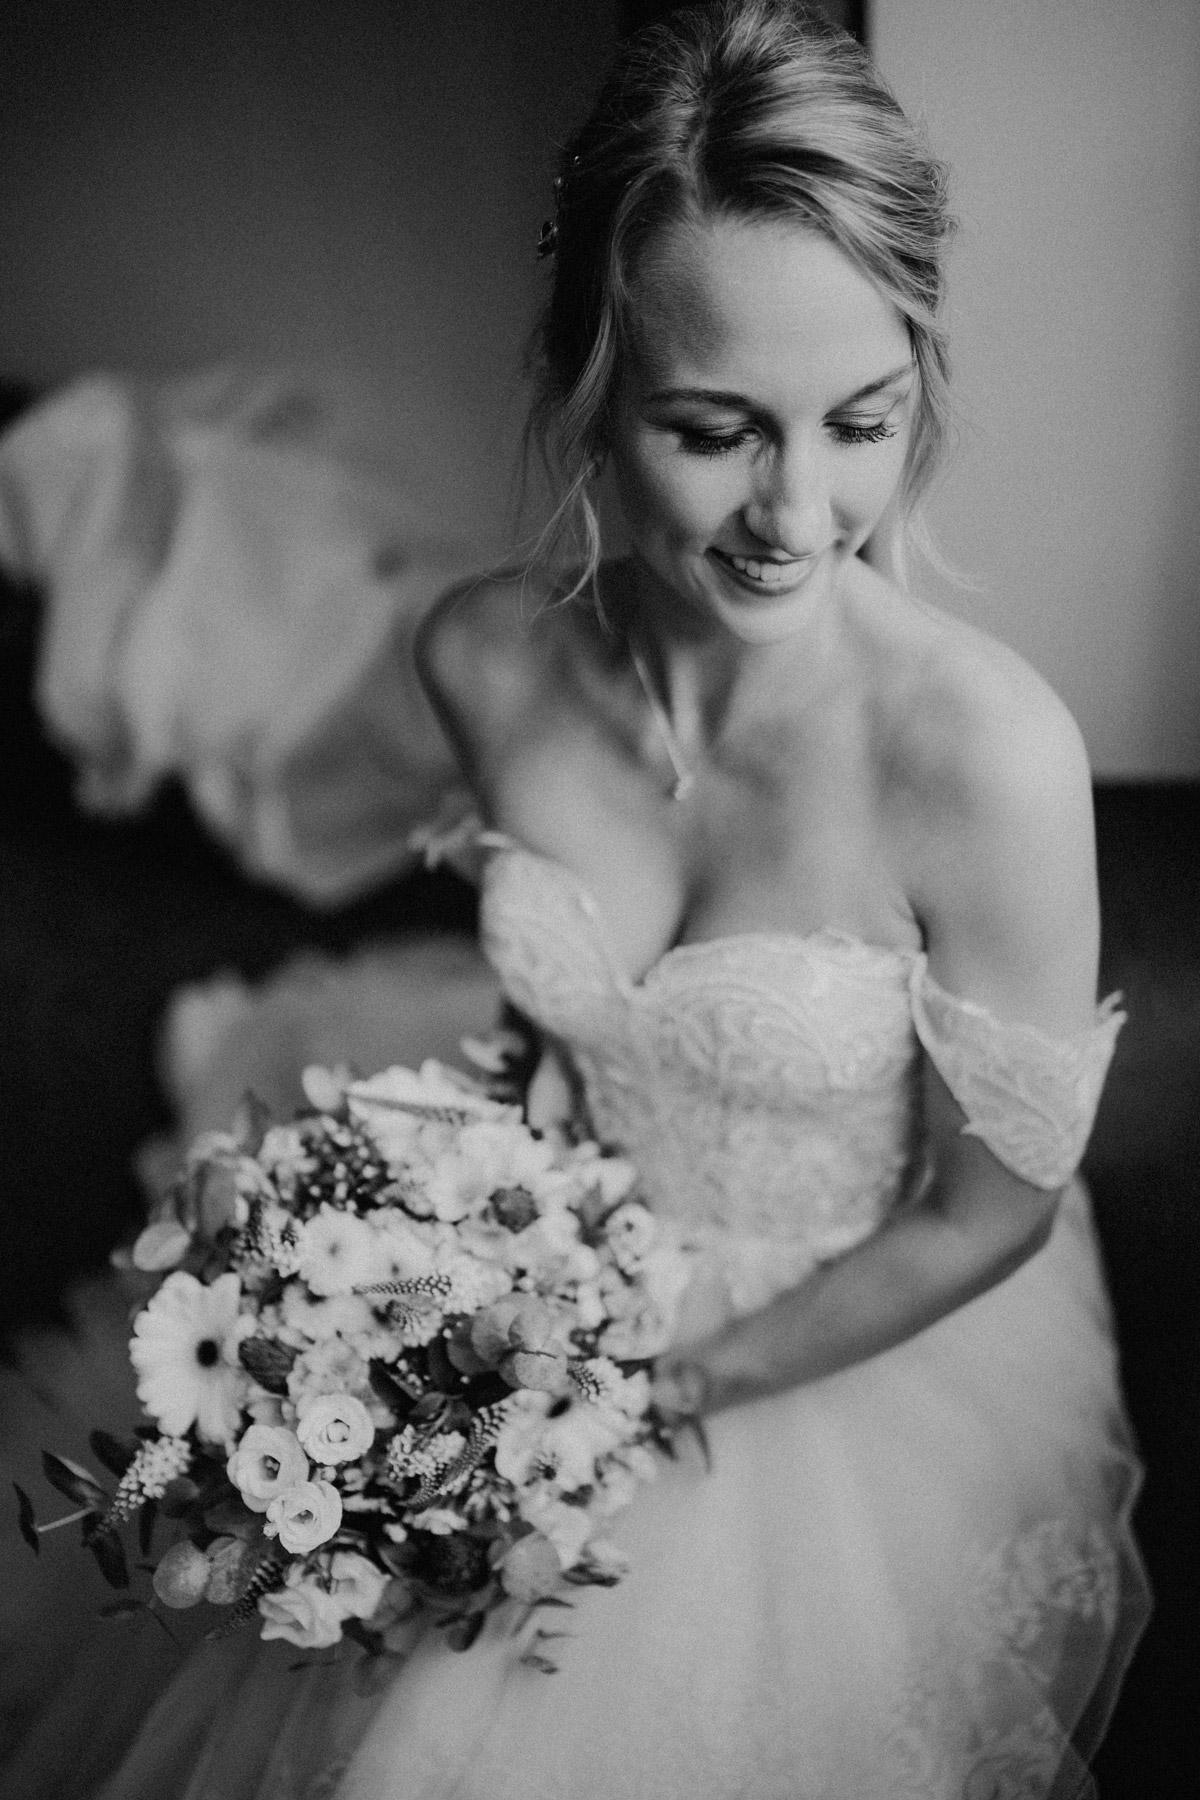 Hochzeit Shooting Idee Real Bride natürliches Braut Make up von vintage Hochzeitsfotograf Berlin © www.hochzeitslicht.de #hochzeitslicht #braut #hochzeitsshooting #ideen #hochzeitsfoto